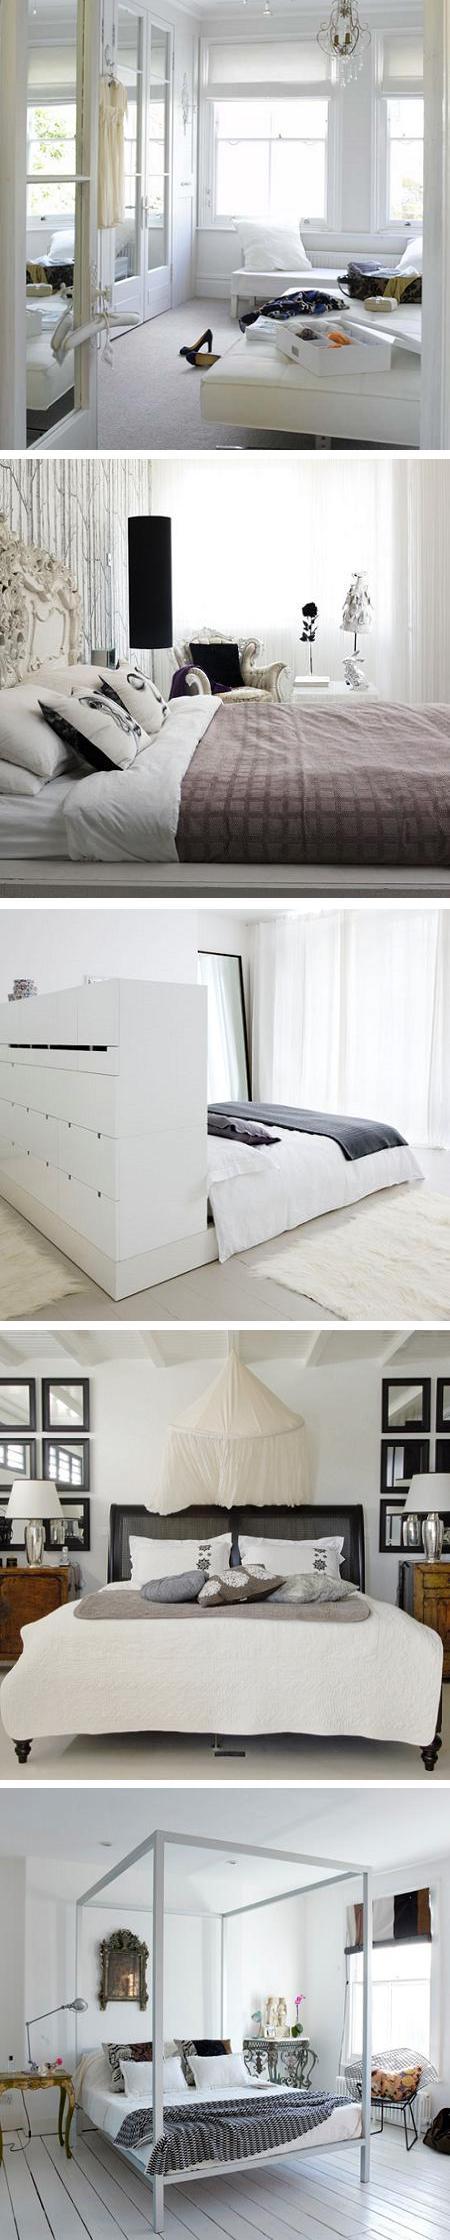 25 fotos de dormitorios en color blanco